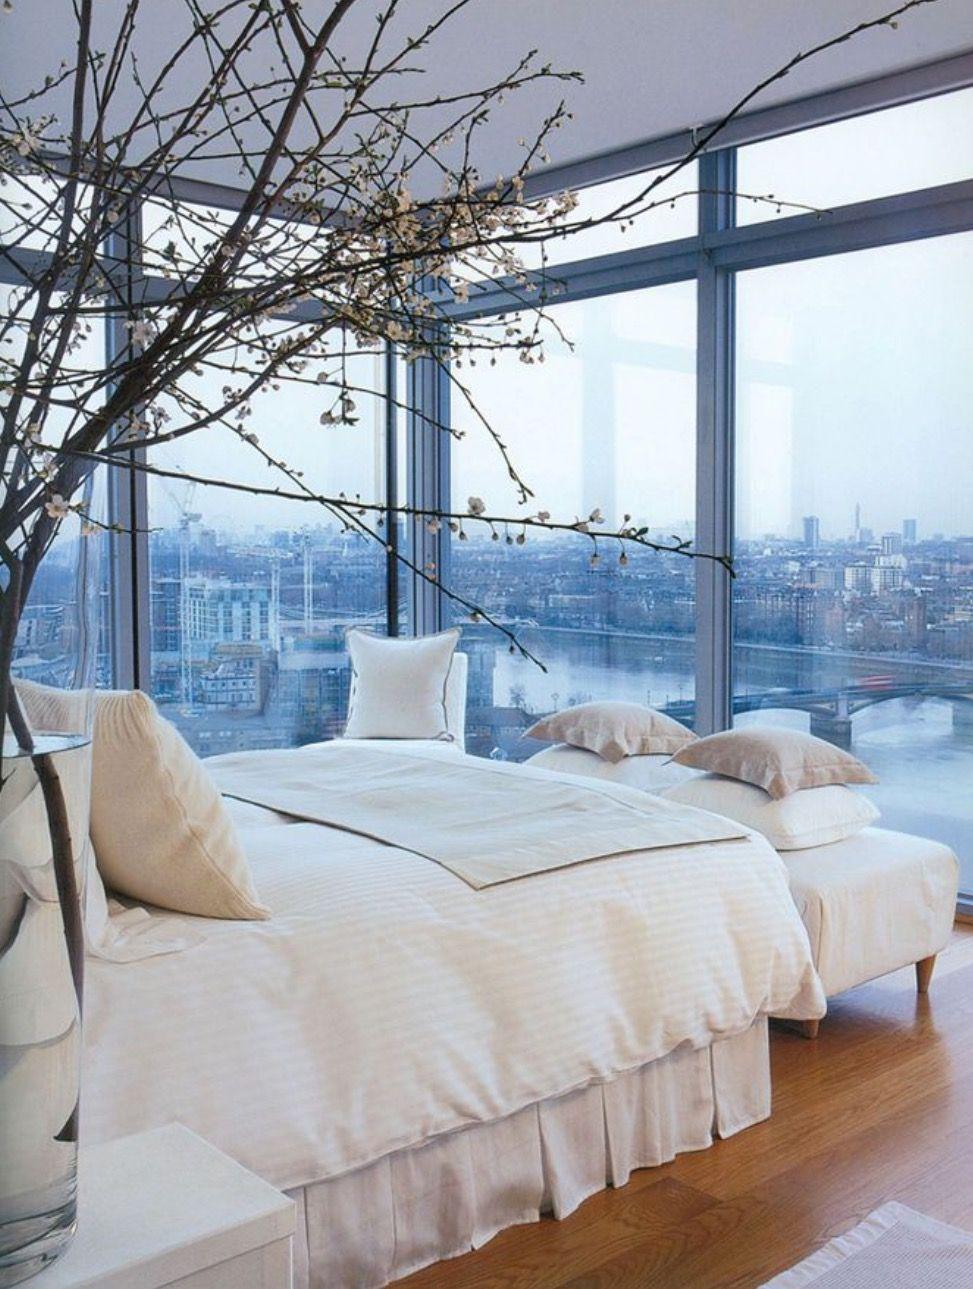 Pin von Zoe Boone auf rooms/home | Pinterest | Leben unter freiem ...